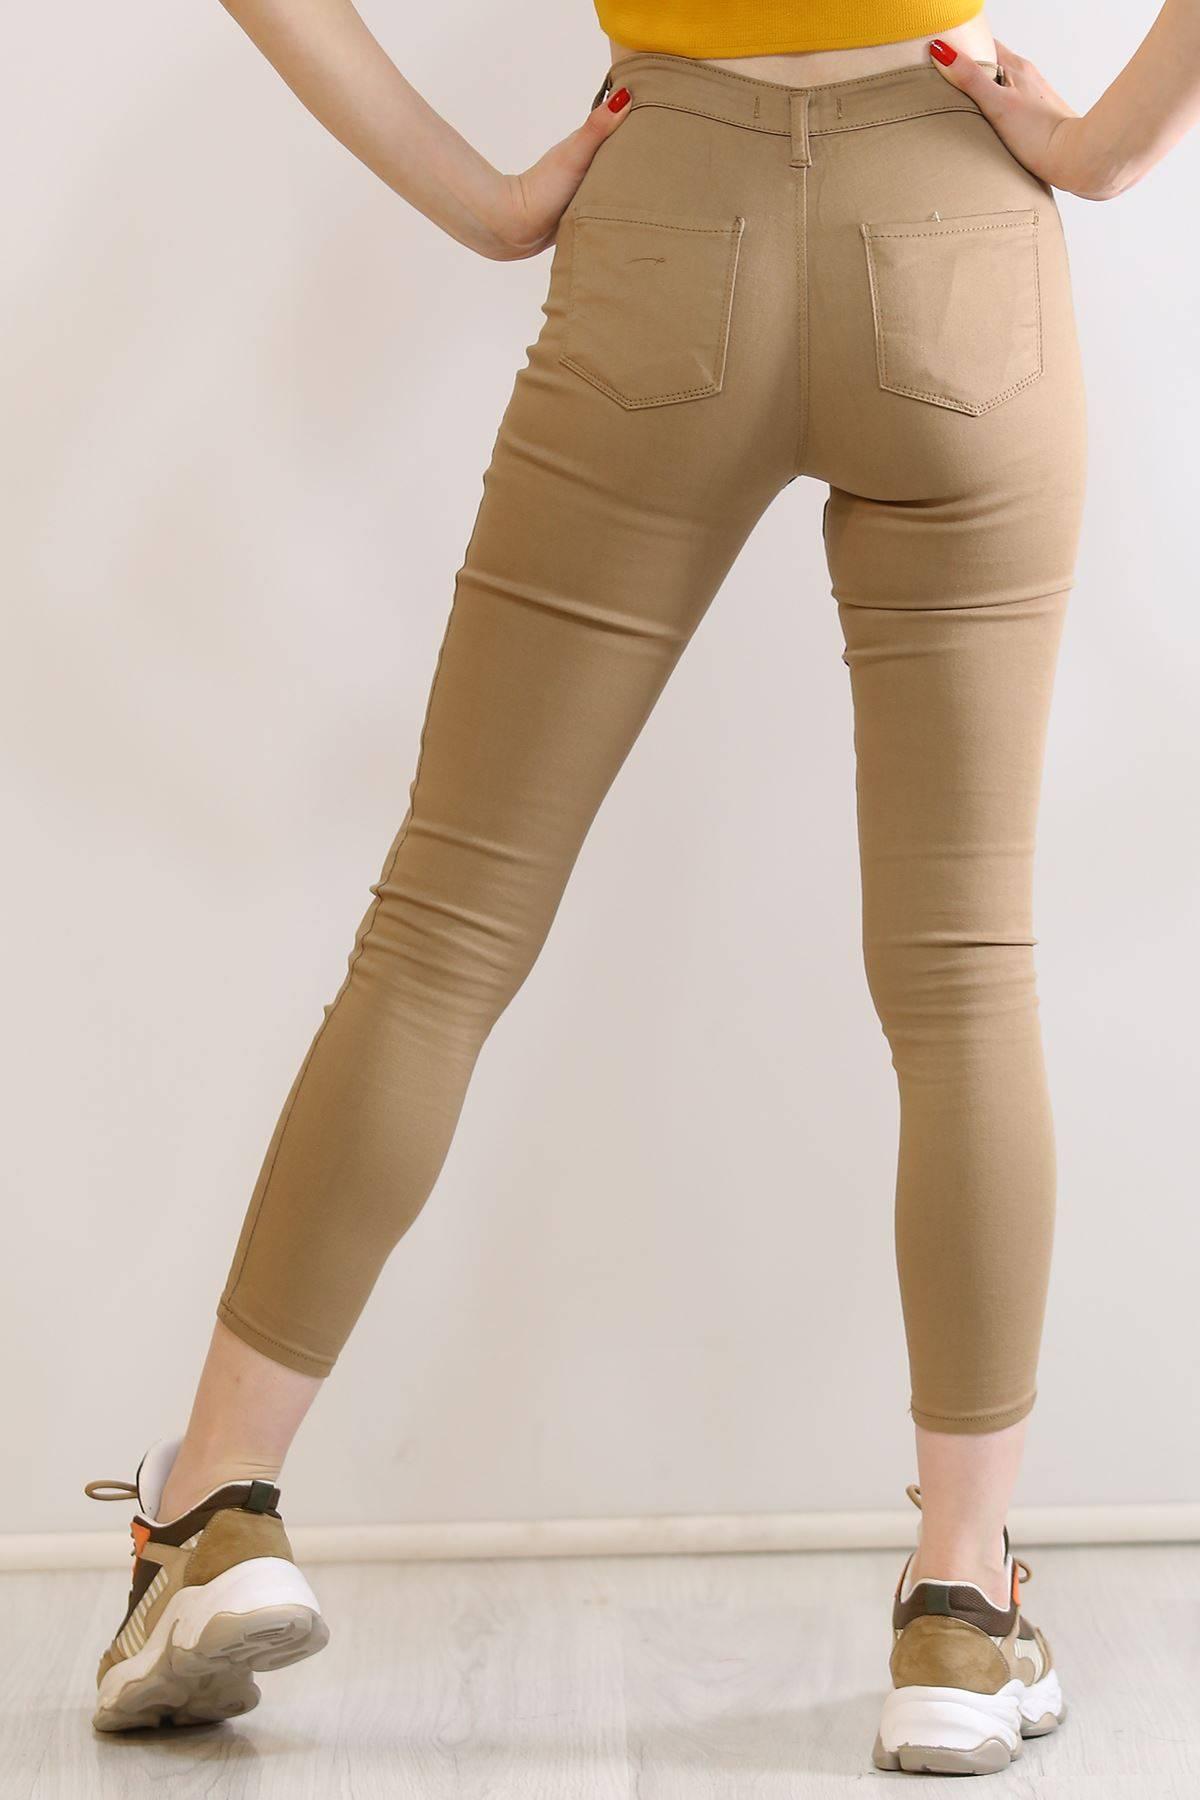 Cepsiz Dar Kot Pantolon Sütlükahve - 5661.299.